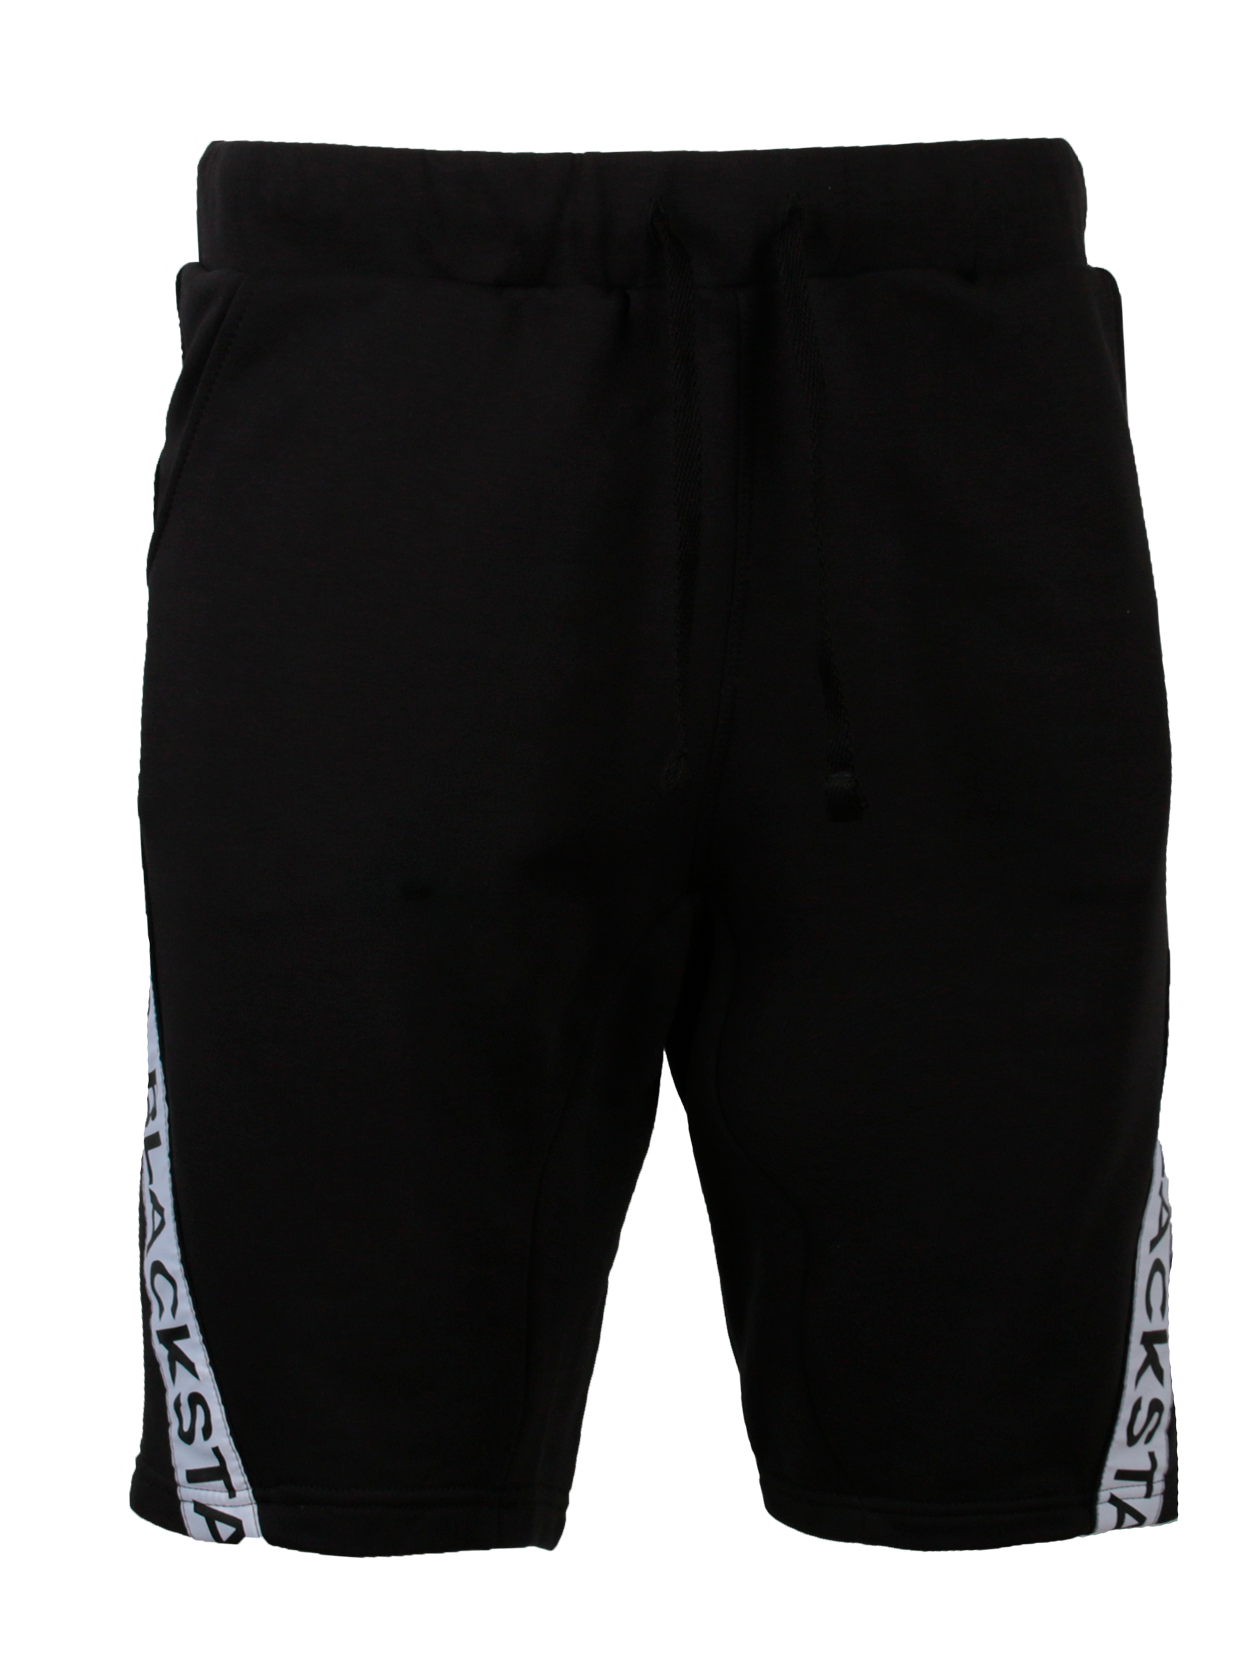 Шорты мужские BASE BSШорты мужские Base BS из коллекции Black Star – стильная и практичная вещь для спорта и отдыха. Удобный прямой свободный крой сохранит естественность движений и создаст комфорт при носке. Модель выполнена из натурального хлопкового материала, представлена в черном цвете. Дизайн дополнен внутренними боковыми карманами и серыми полосками с надписью Black Star. Пояс на резинке и завязках хорошо фиксирует изделие, обеспечивая идеальную посадку по фигуре. Длина шорт – 3/4 бедра.<br><br>Размер: XS<br>Цвет: Черный<br>Пол: Мужской